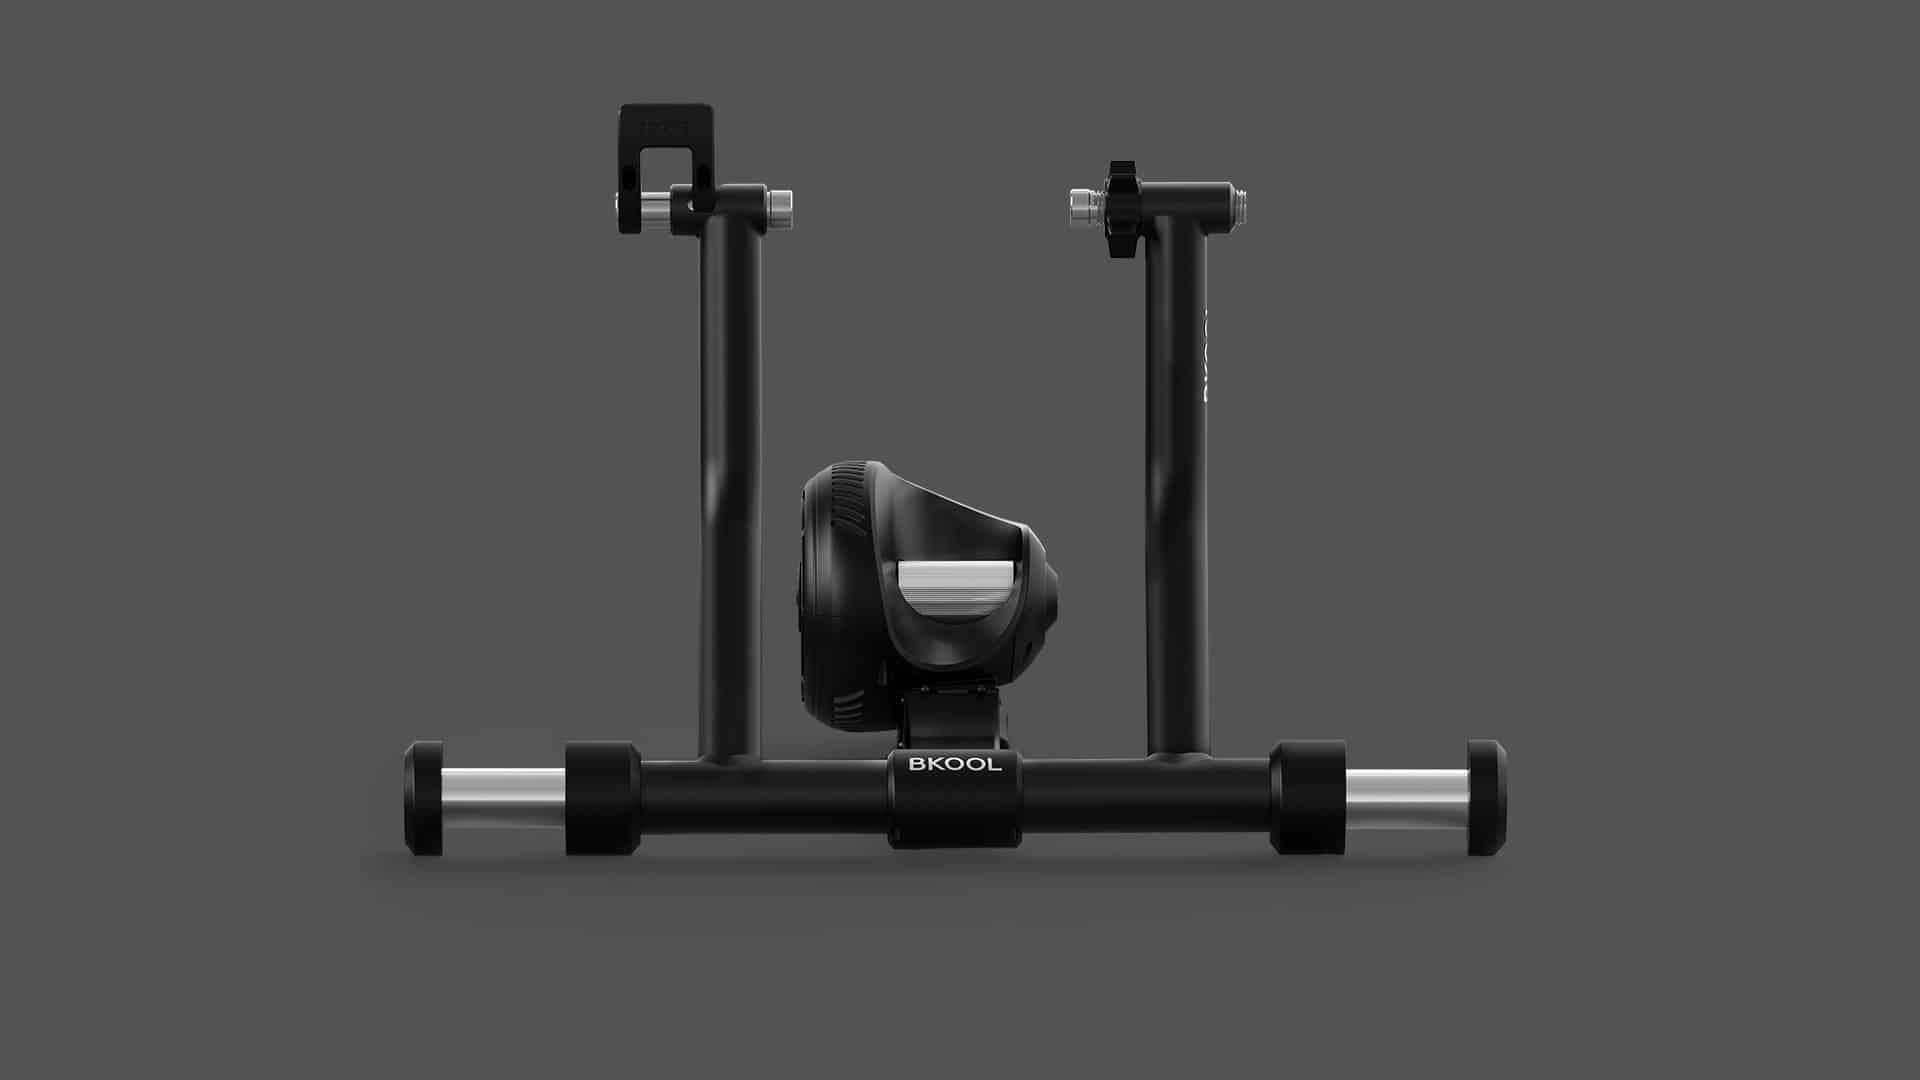 Rodillo Bkool Pro. Máximo realismo entrenando con rodillo. Bkool Smart Pro está controlado por el Simulador. Reproduce las pendientes de tus rutas virtuales